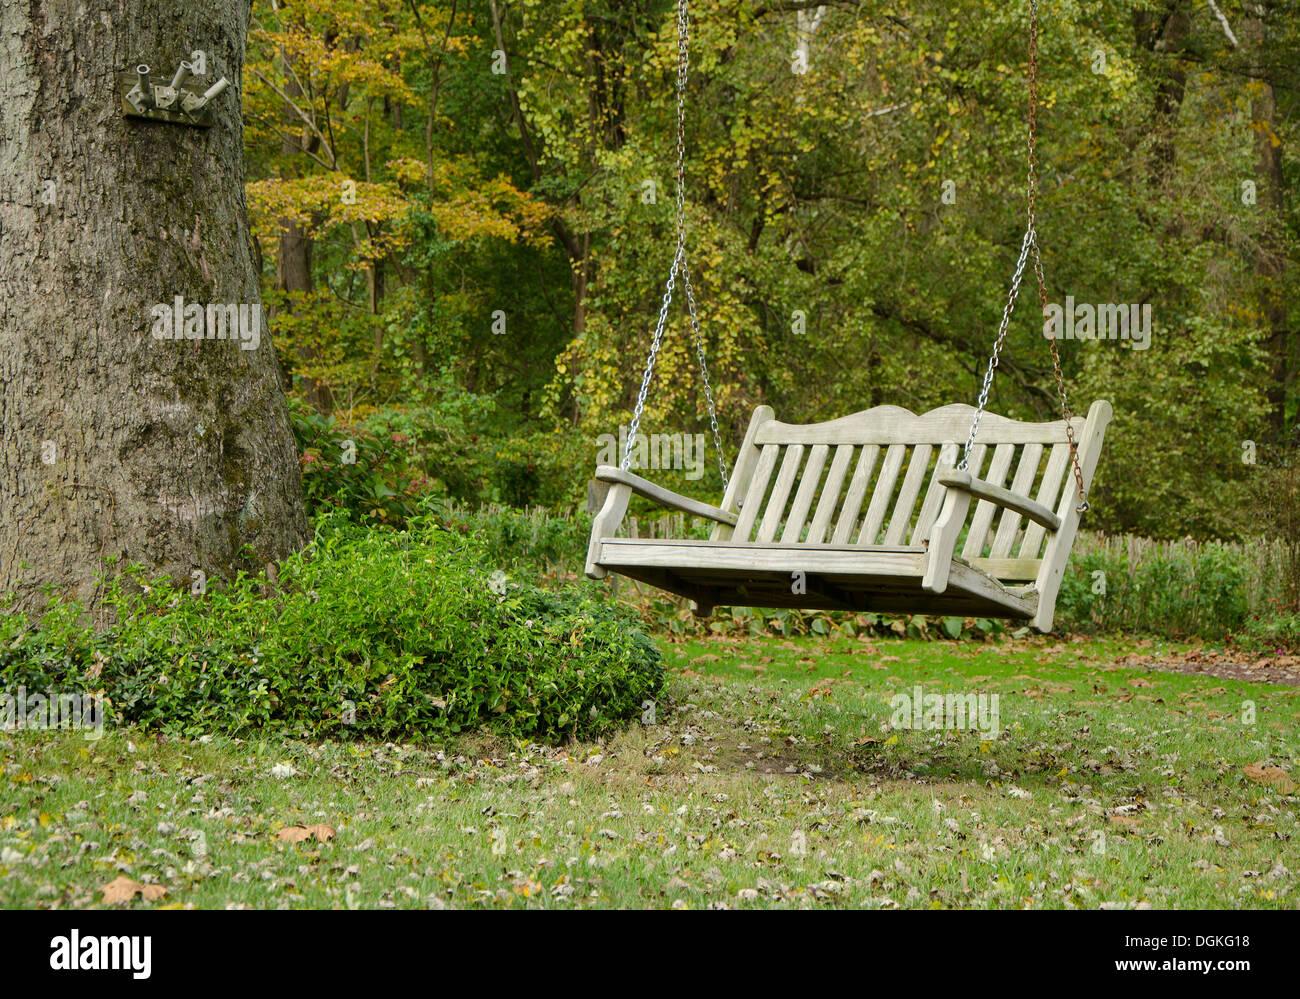 https www alamyimages fr portique balancoire en bois suspendu classique ou un banc attache a arbre dans jardin avec toile forestiers image61895268 html